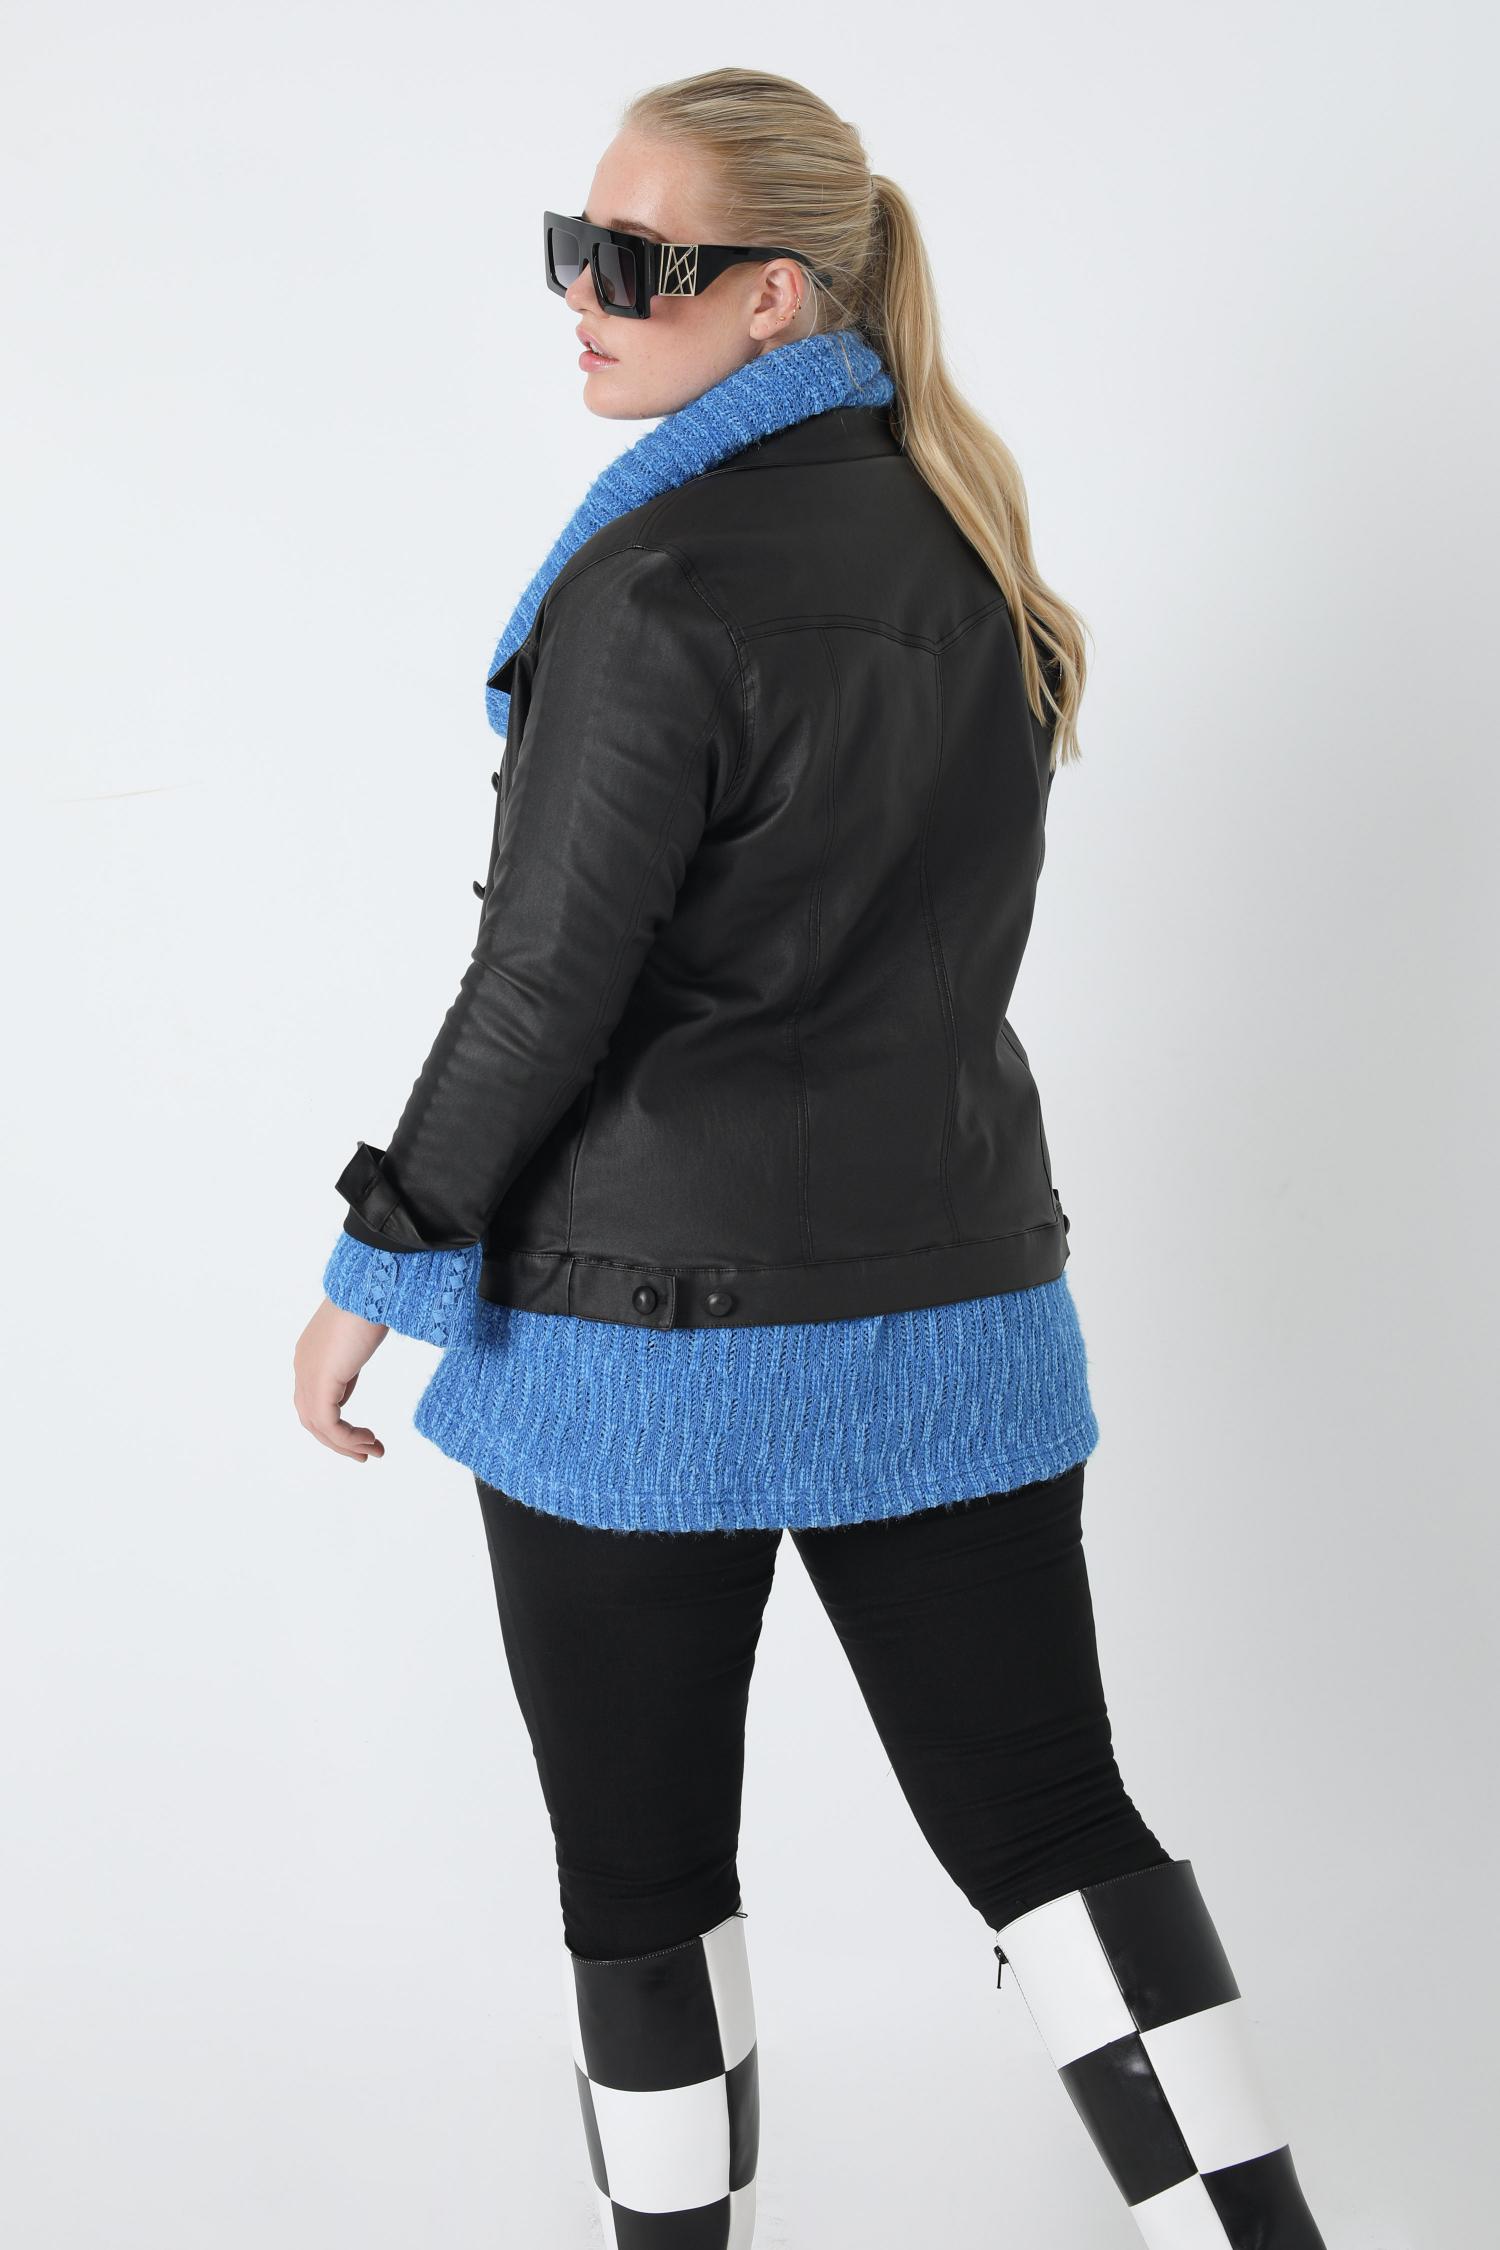 Coated denim-style jacket